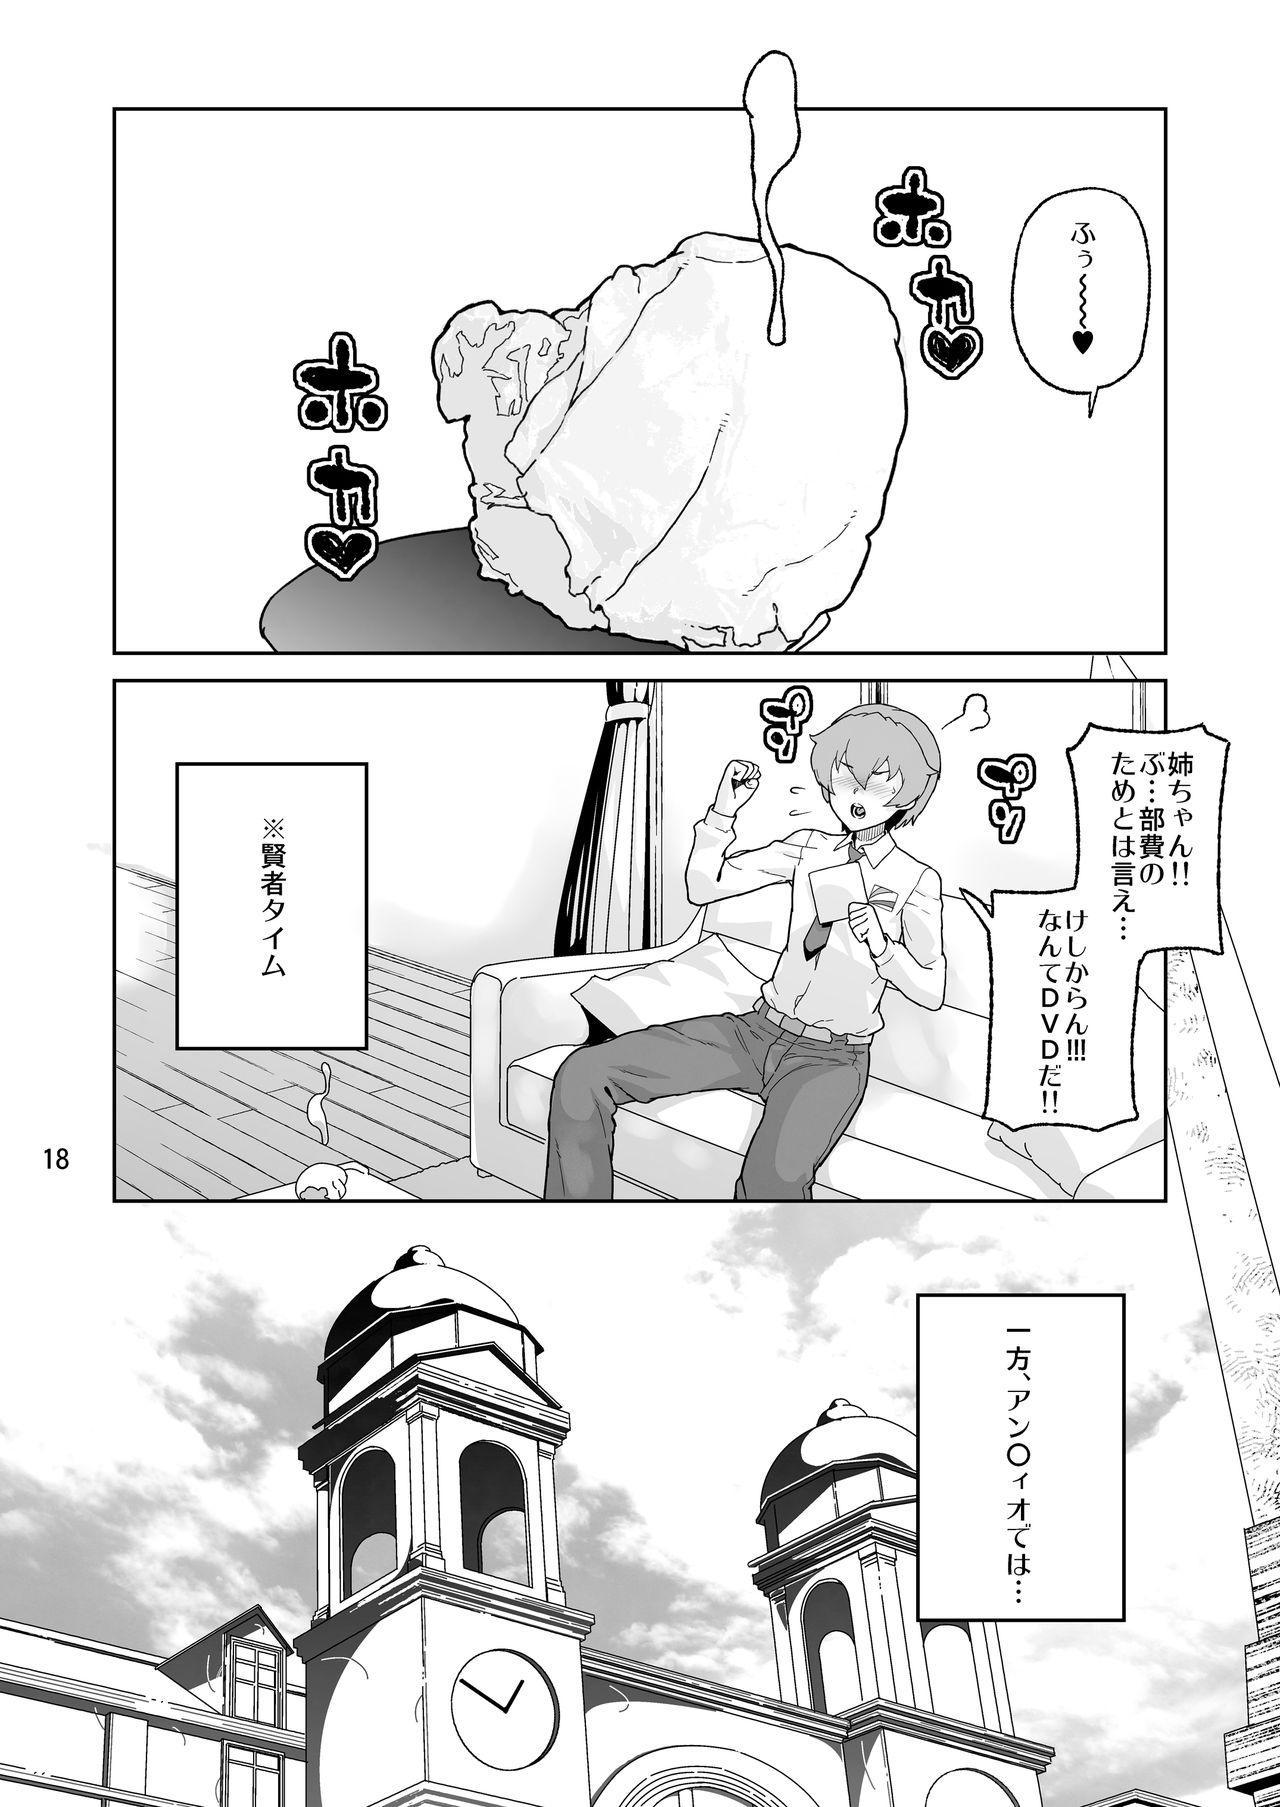 [Kurohonyasan (Yamashita Kurowo)] Anzio-kou III-nen Anzai Chiyomi 17-sai (Girls und Panzer) [Digital] 16